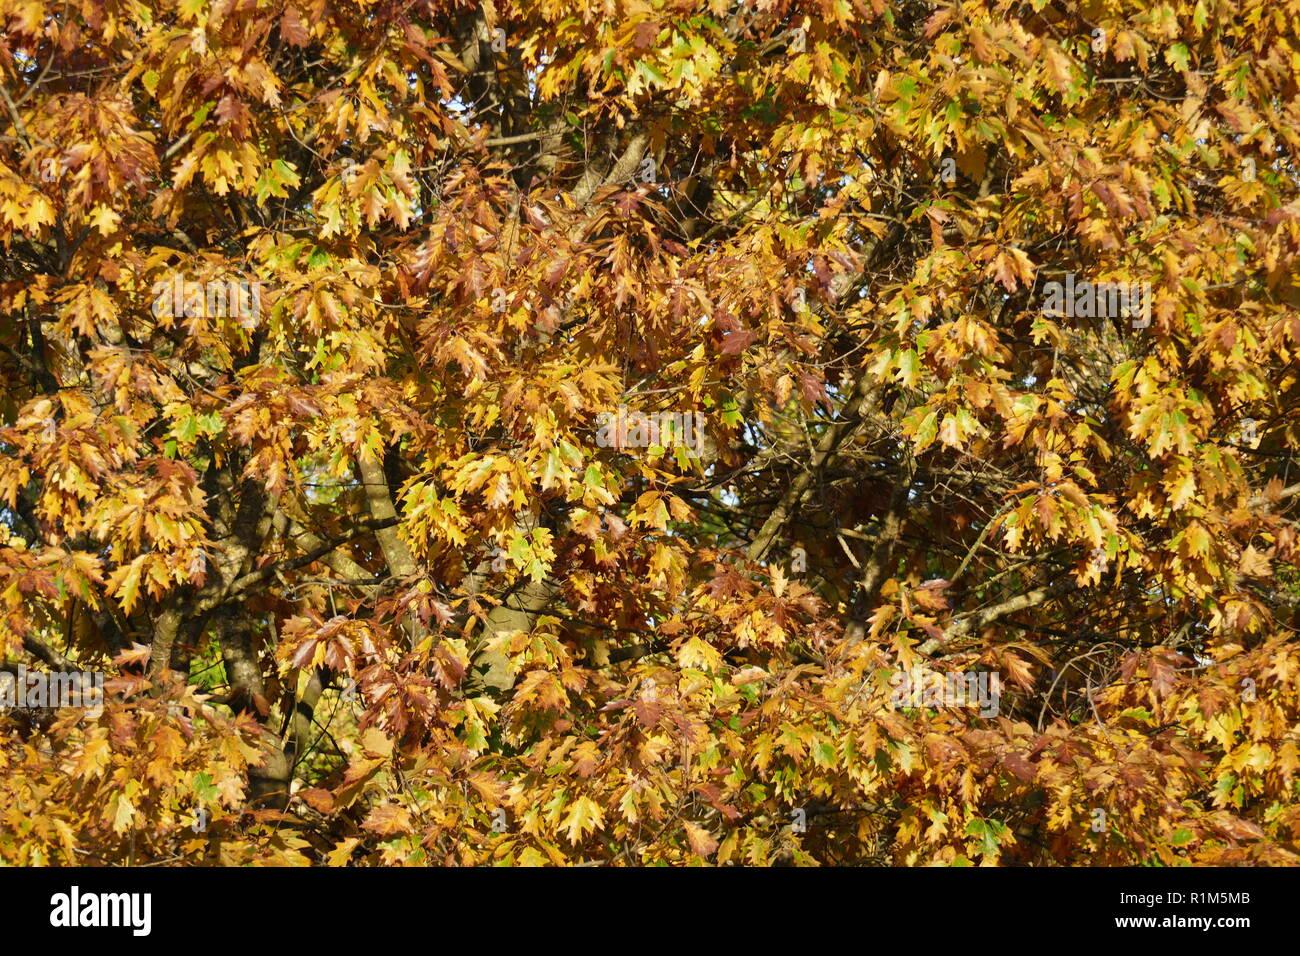 yellow discolored oak leaves on branches, Germany, Europe  I gelb verfärbte Eichenblätter an Ästen, Deutschland, Europa I Stock Photo